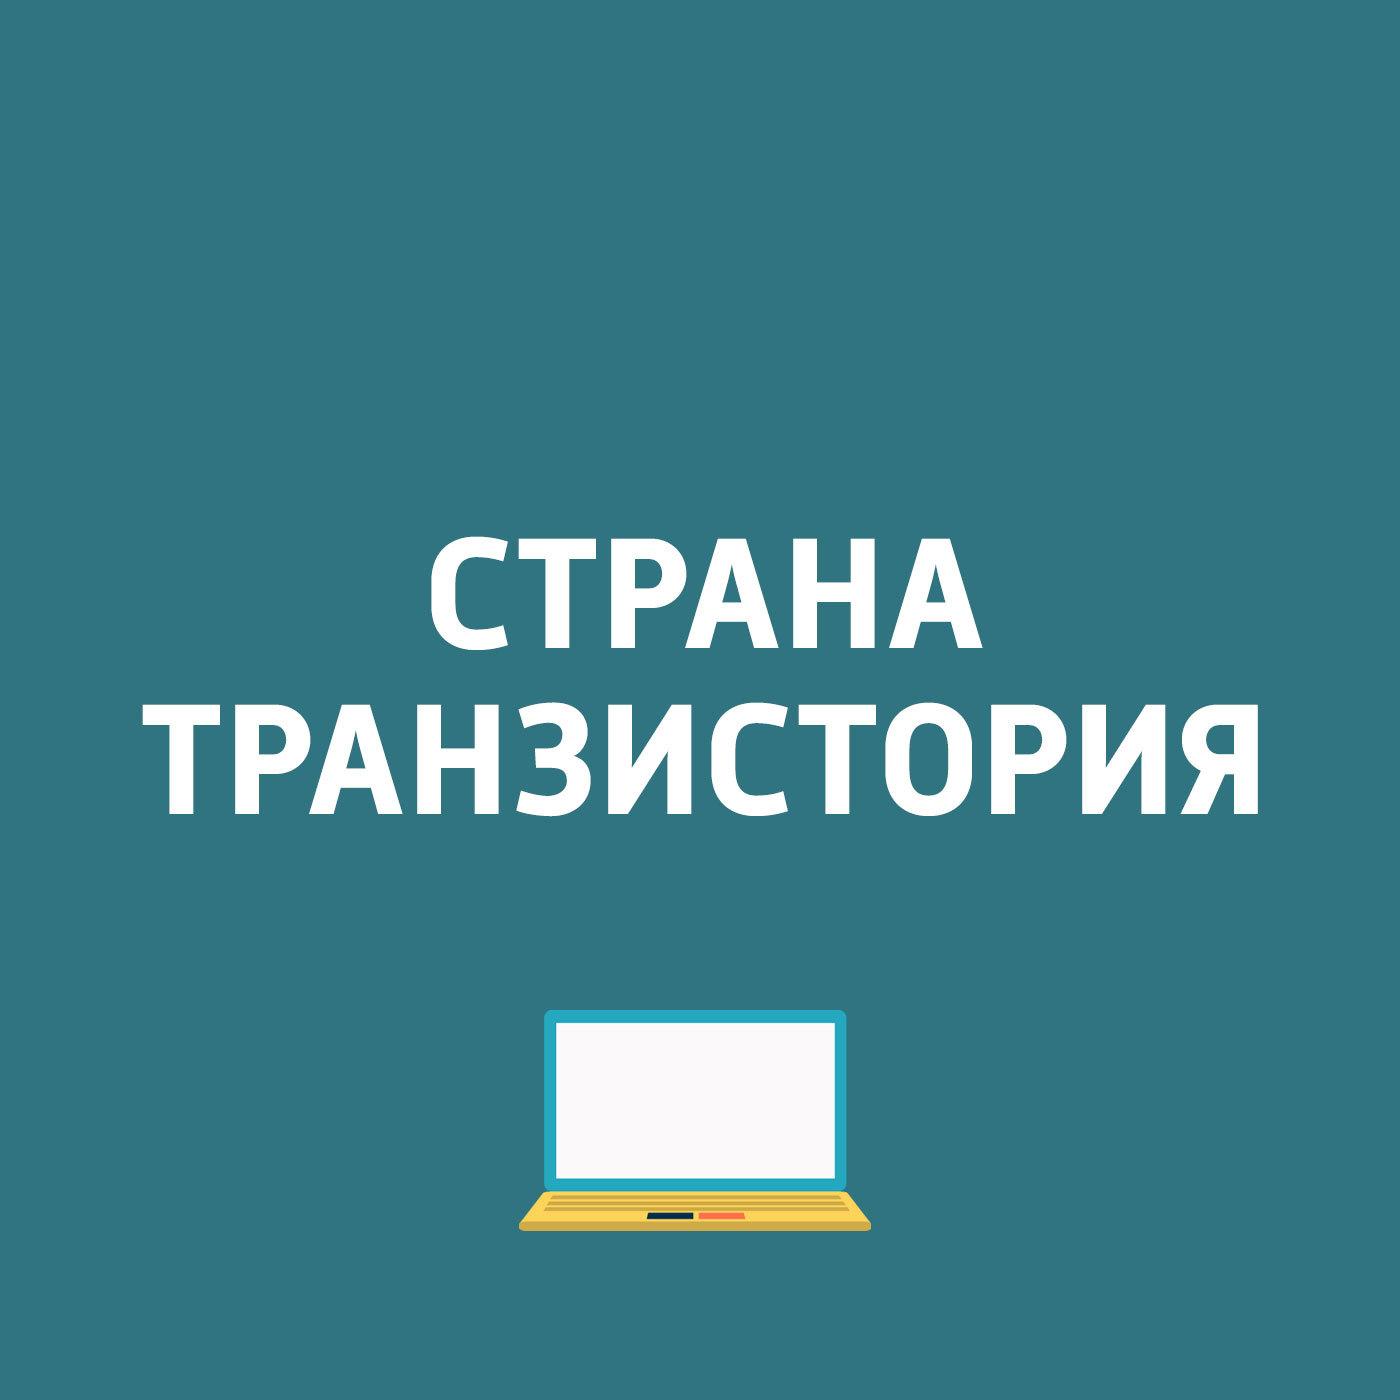 Картаев Павел Mail.Ru и Роскосмос запустили проект «Письма в космос»